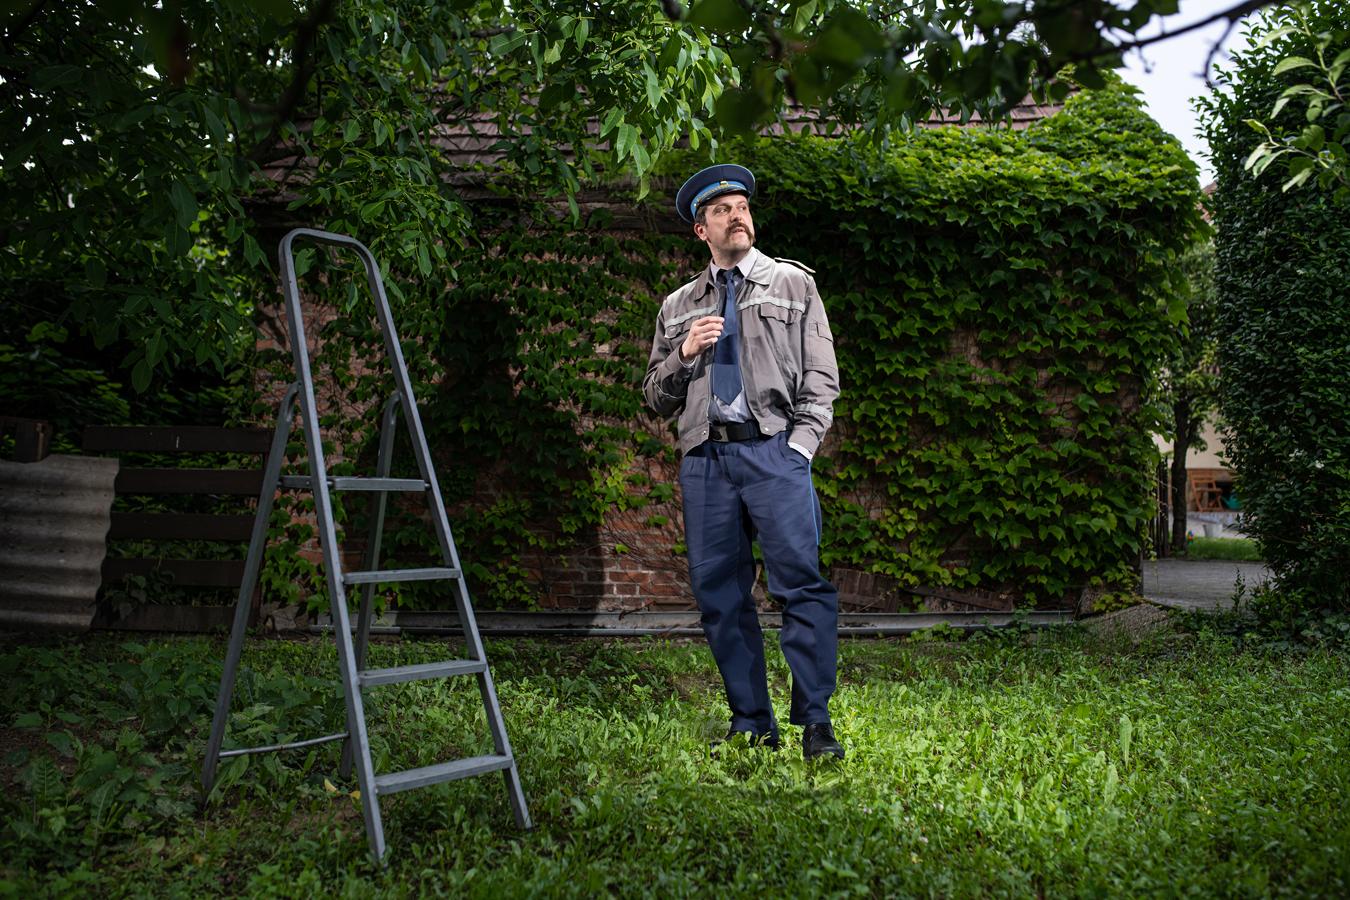 16. kép: MÉSZÁROS BÉLA Rendőr — Szürke galamb Fotó: Neményi Márton Előadáskép: Dömölky Dániel